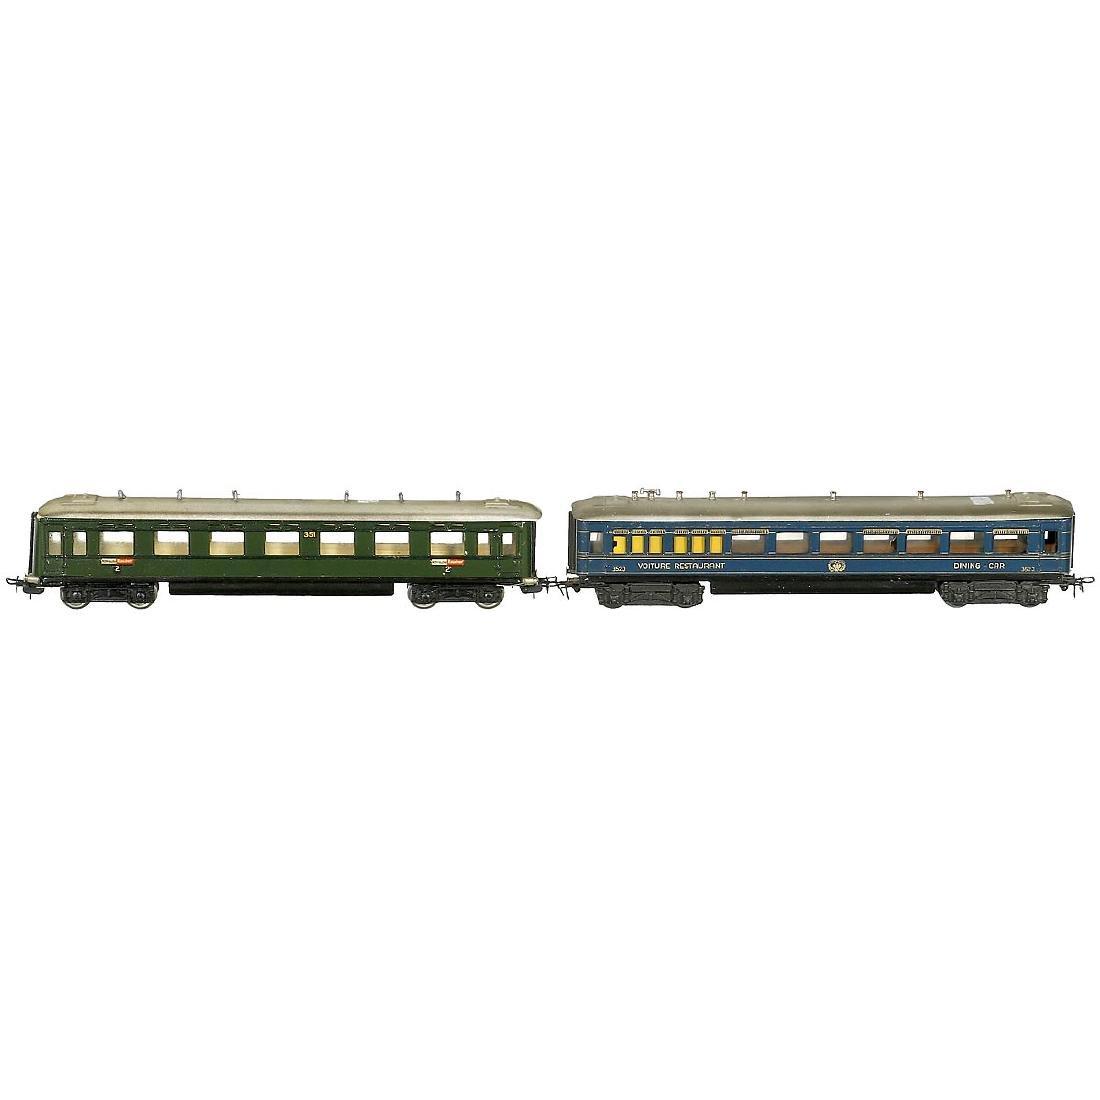 2 Märklin Passenger Cars, c. 1946